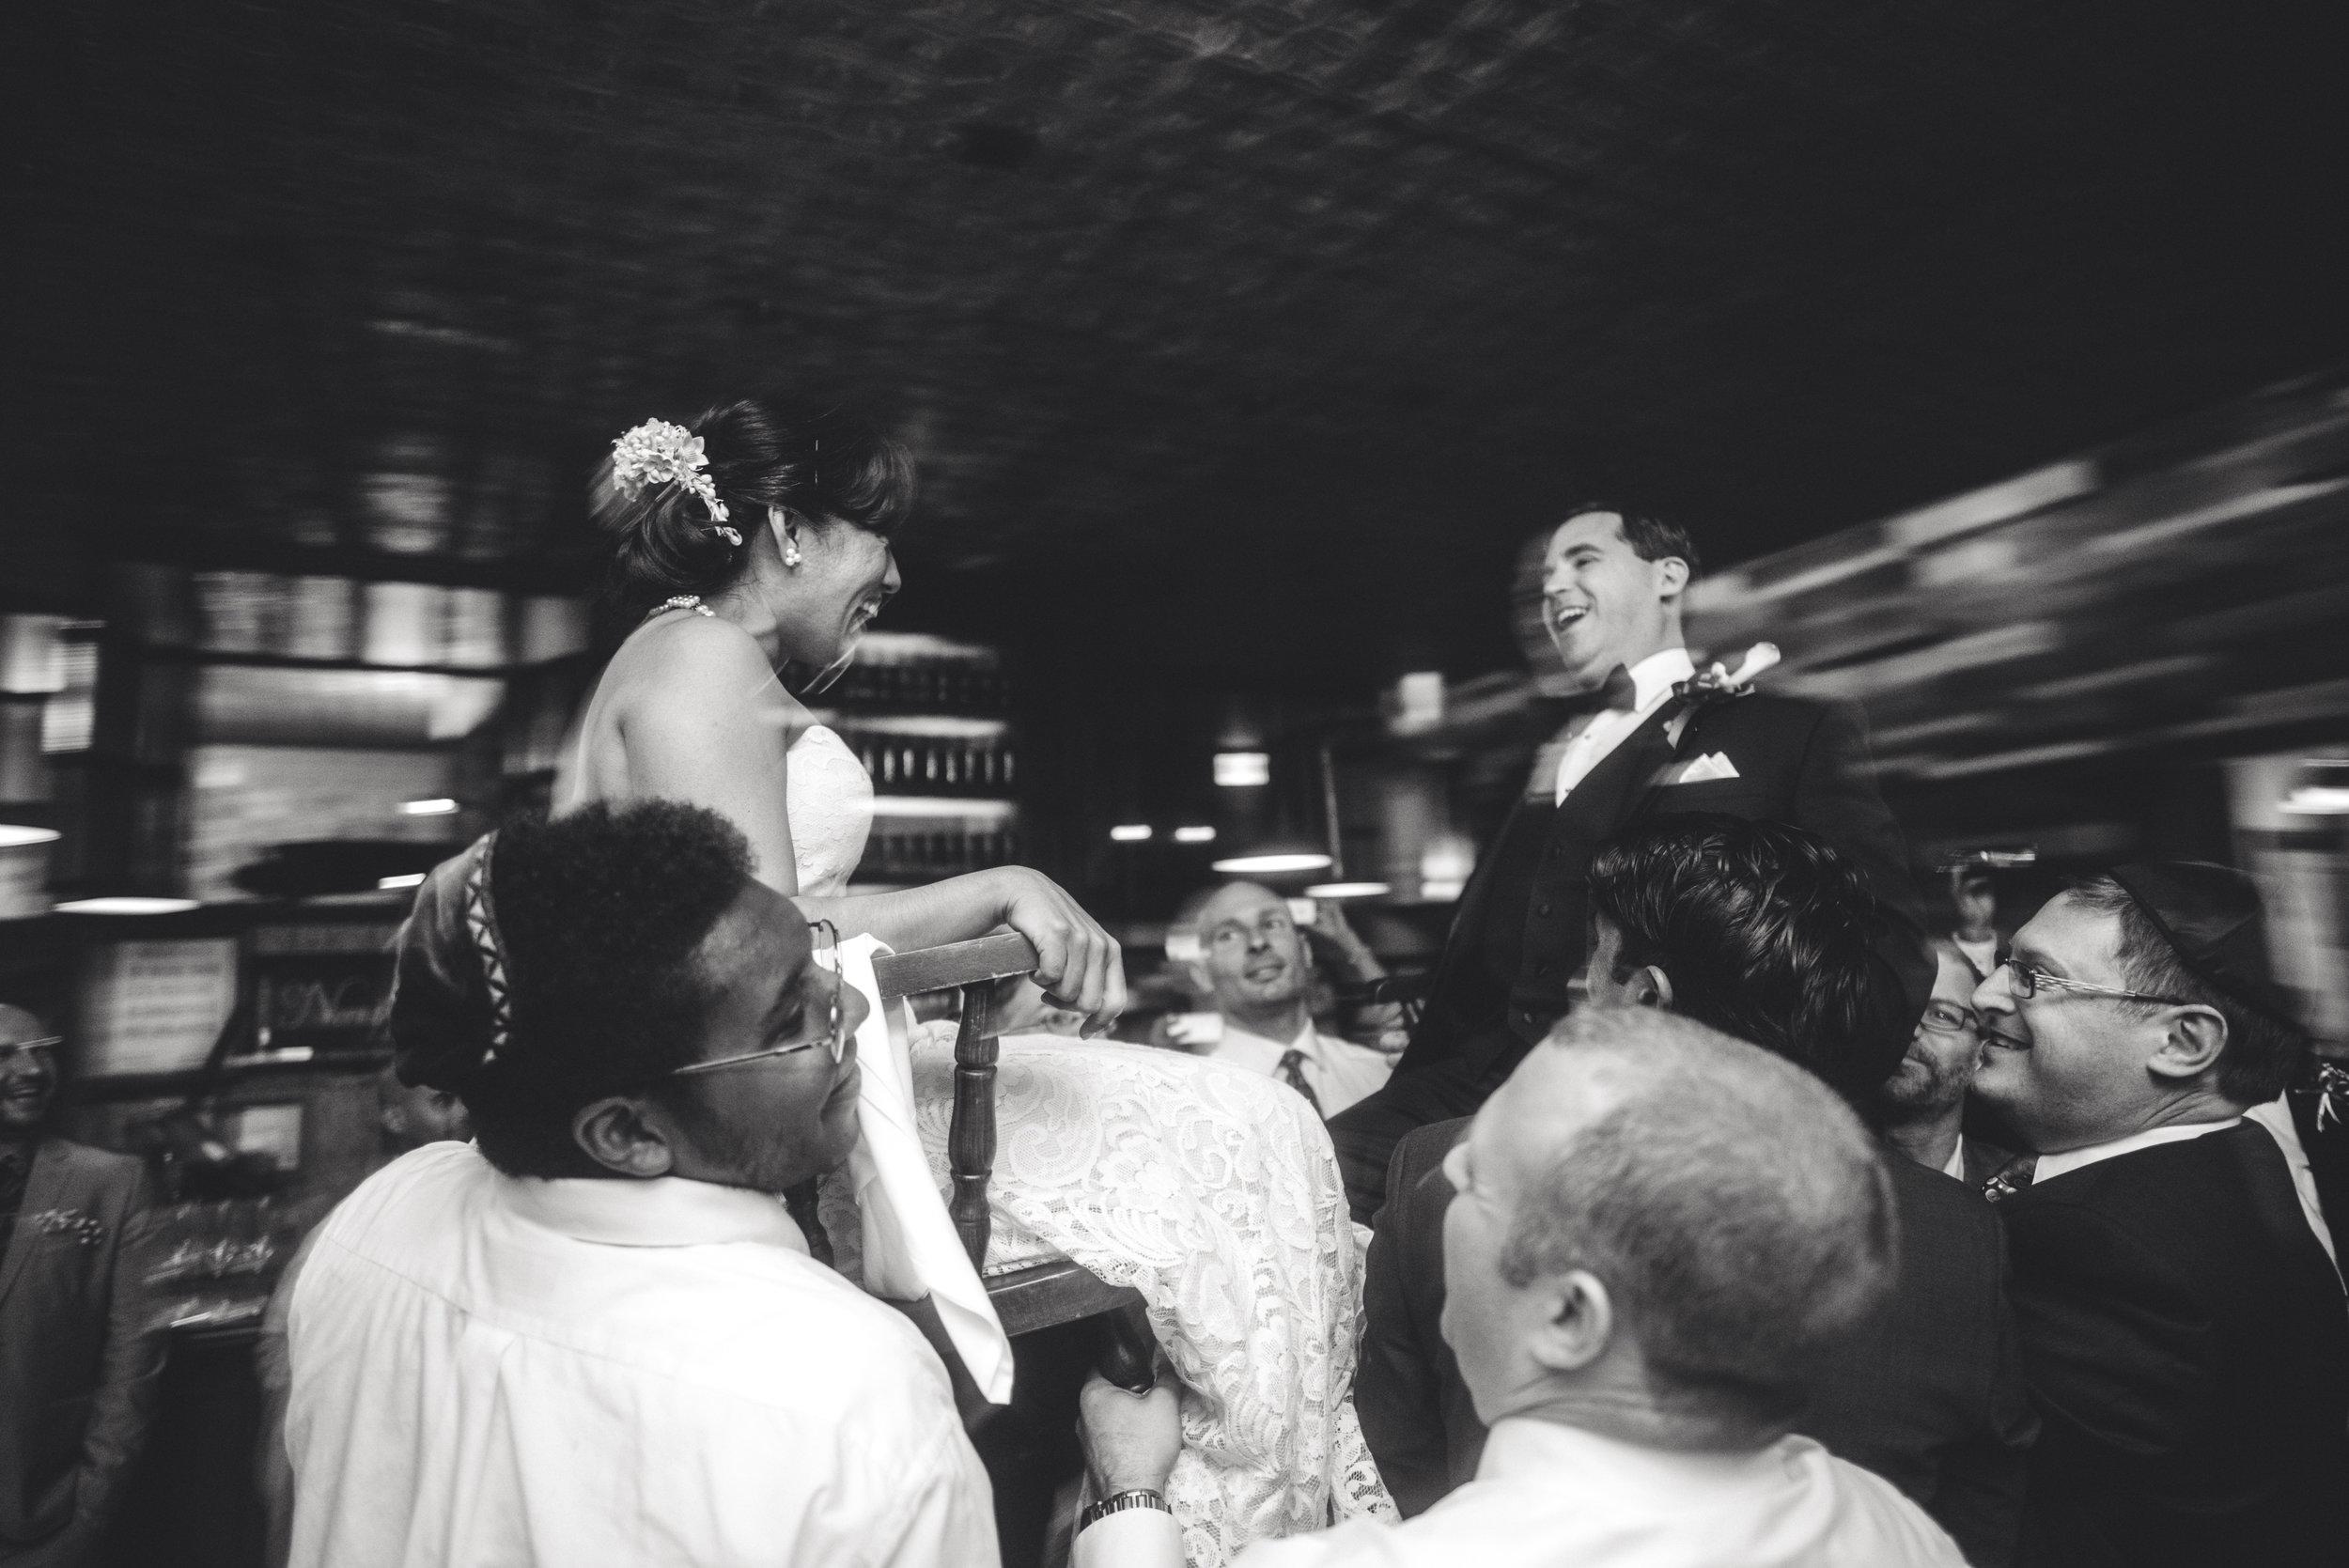 BROOKLYN WINERY WEDDING - TWOTWENTY by CHI-CHI AGBIM-462.jpg